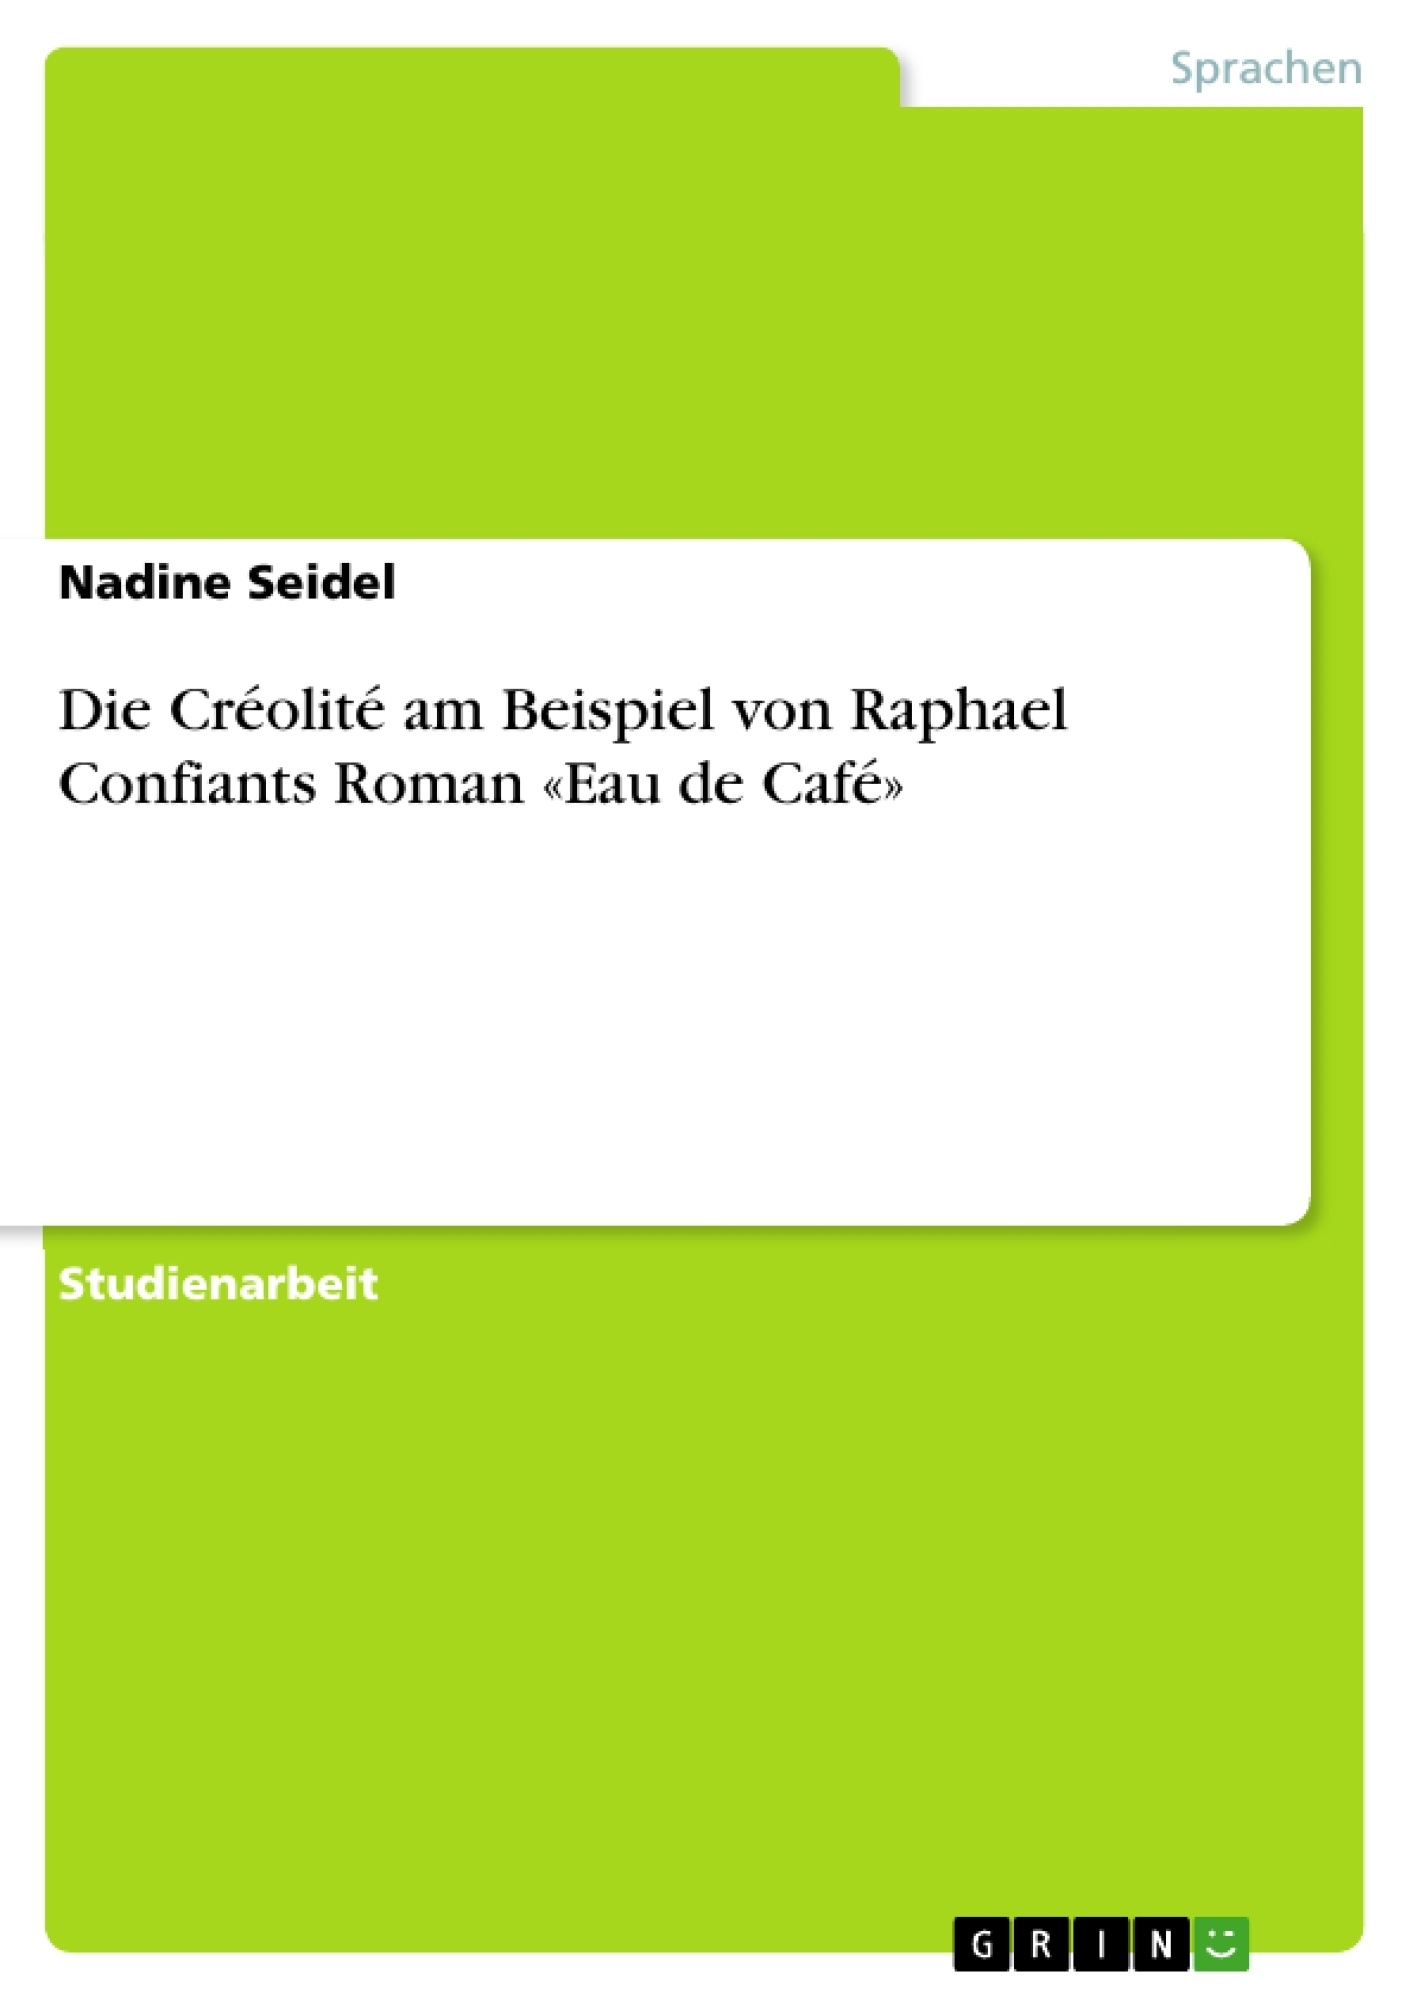 Titel: Die Créolité am Beispiel von Raphael Confiants Roman «Eau de Café»